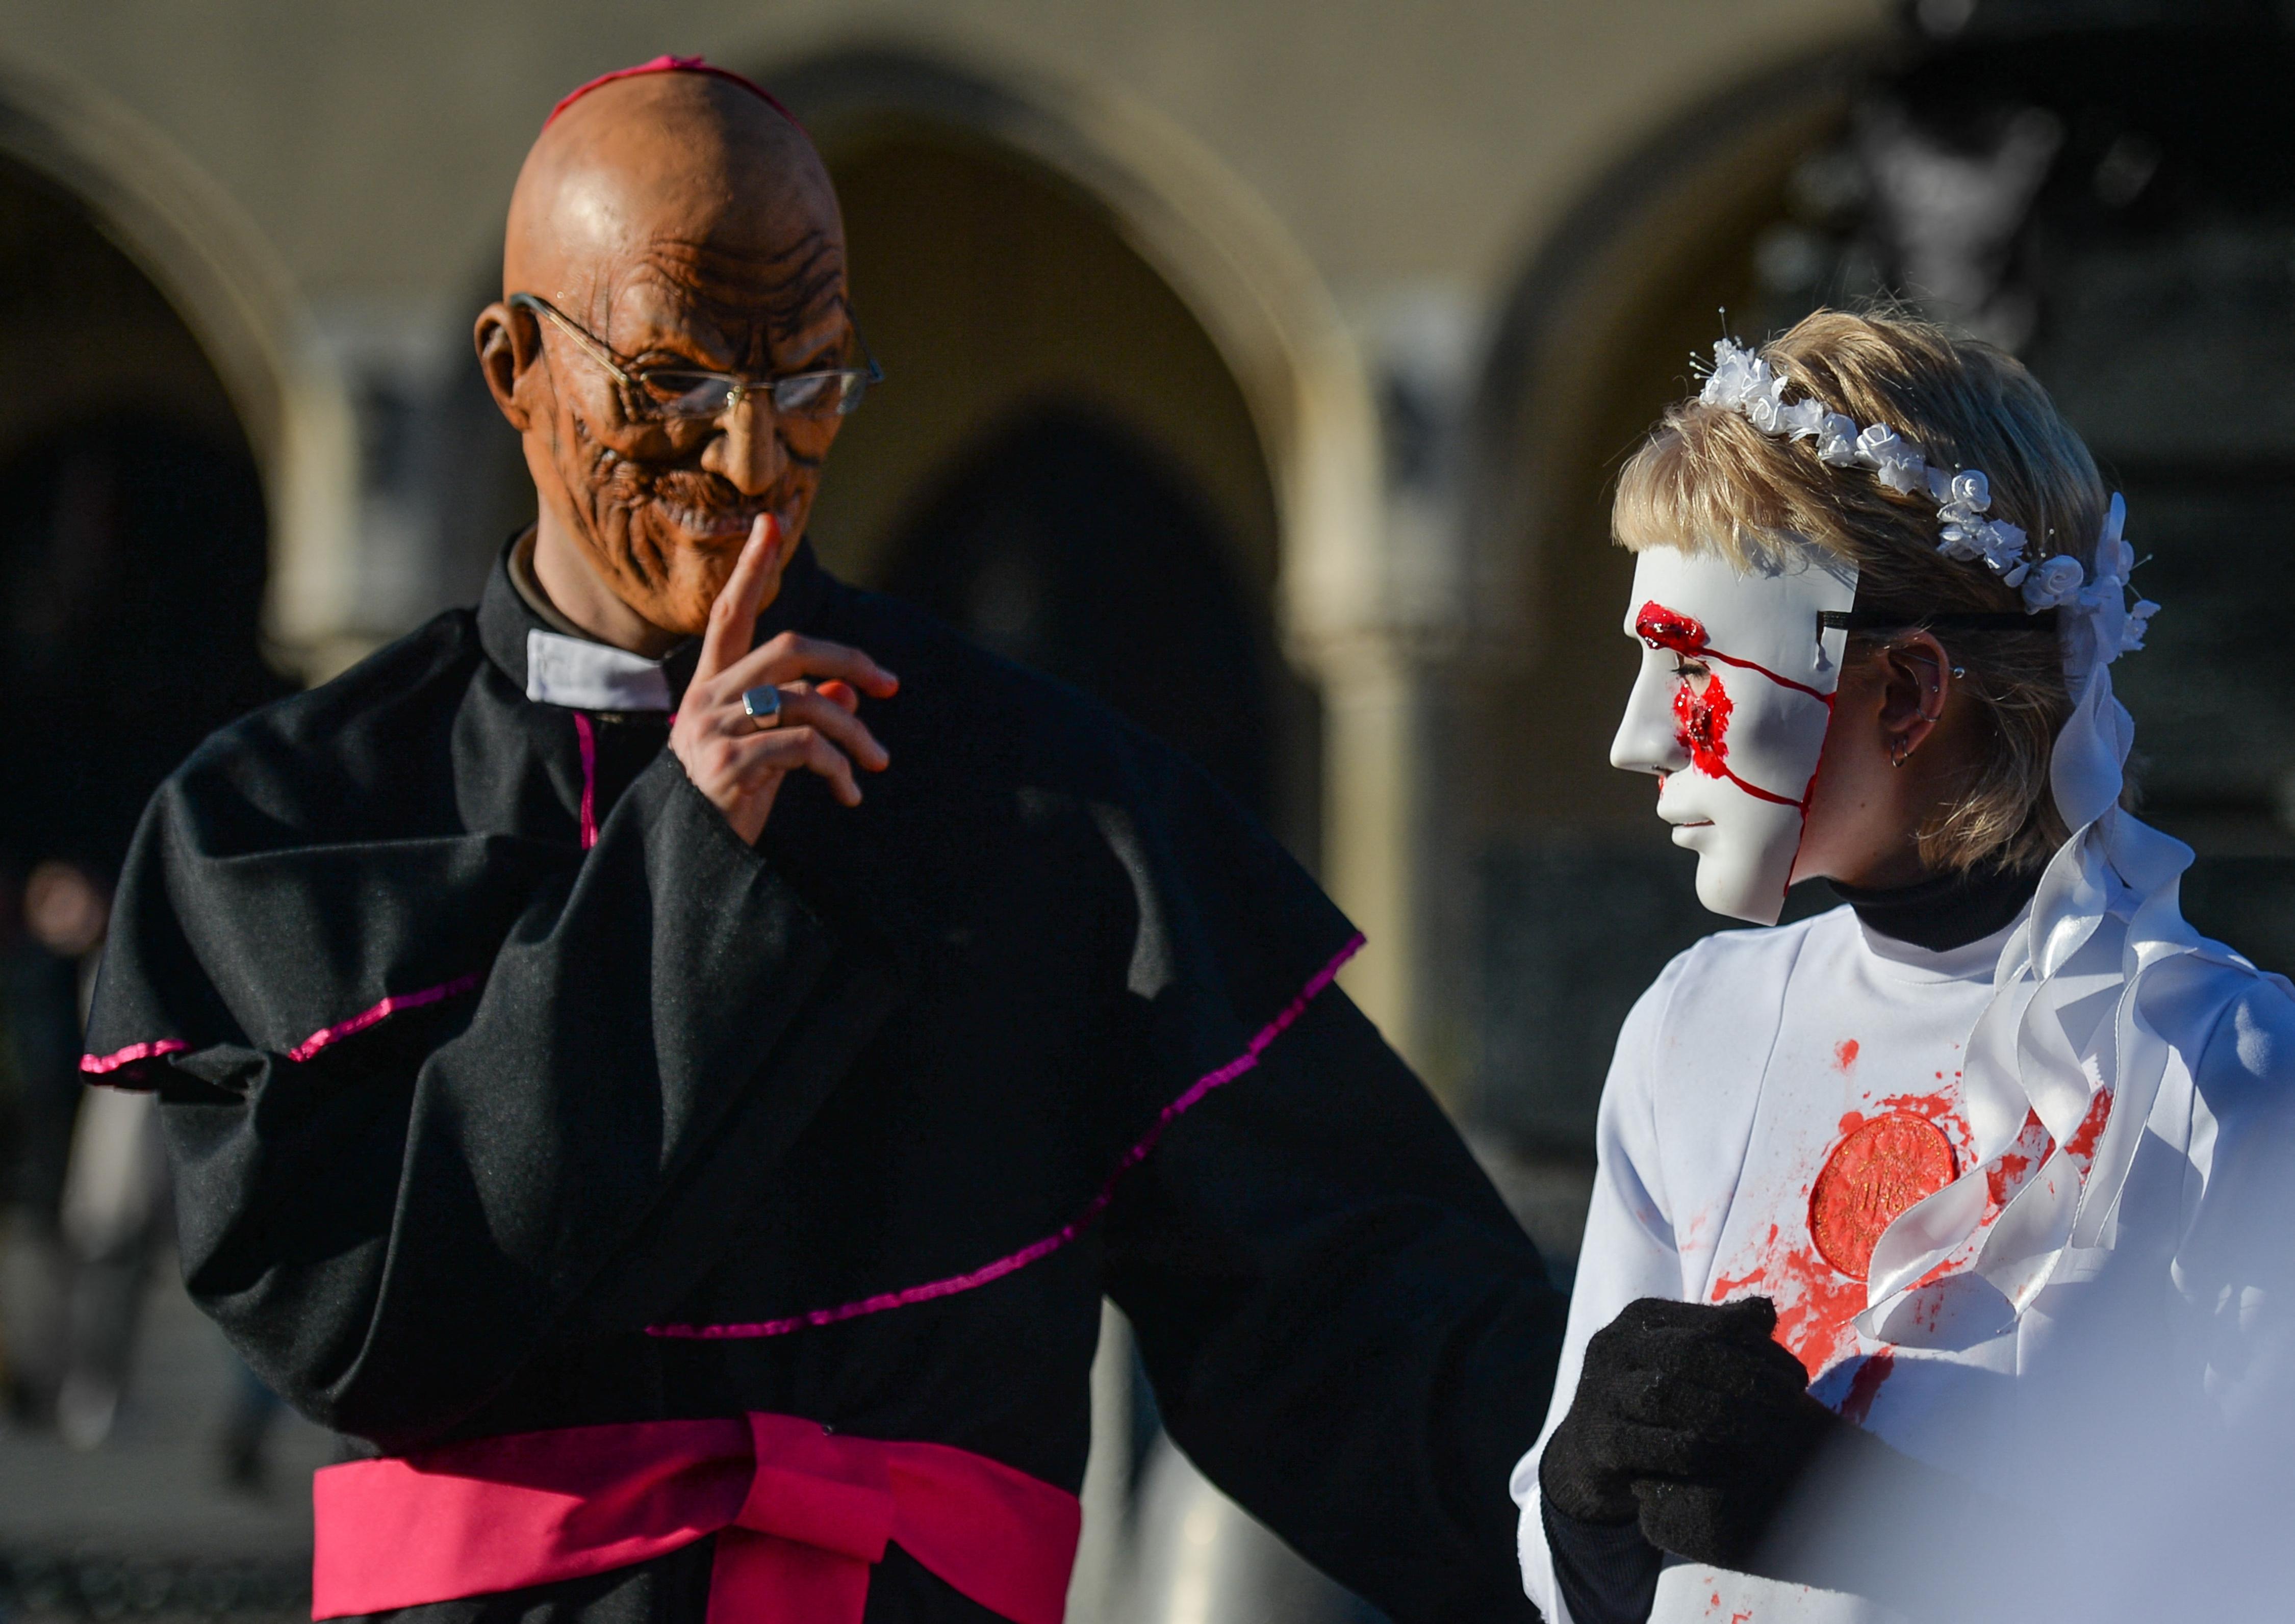 A lengyel katolikus egyház négy befolyásos szereplője is tudott róla, hogy egy pap szexuálisan zaklatott egy kiskorút, mégsem tettek semmit